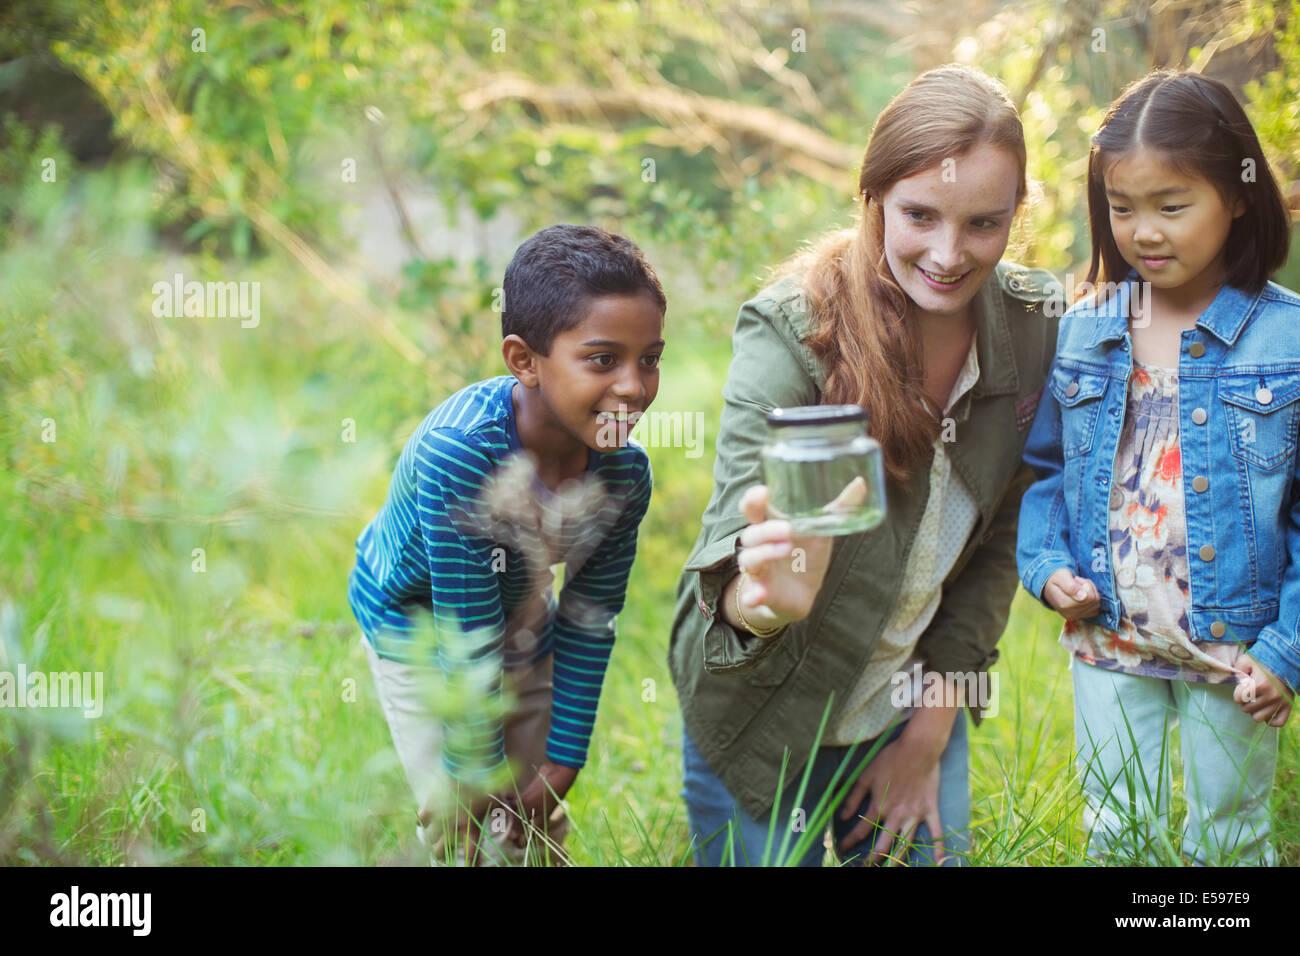 El estudiante y el profesor examinar insecto en jar Imagen De Stock